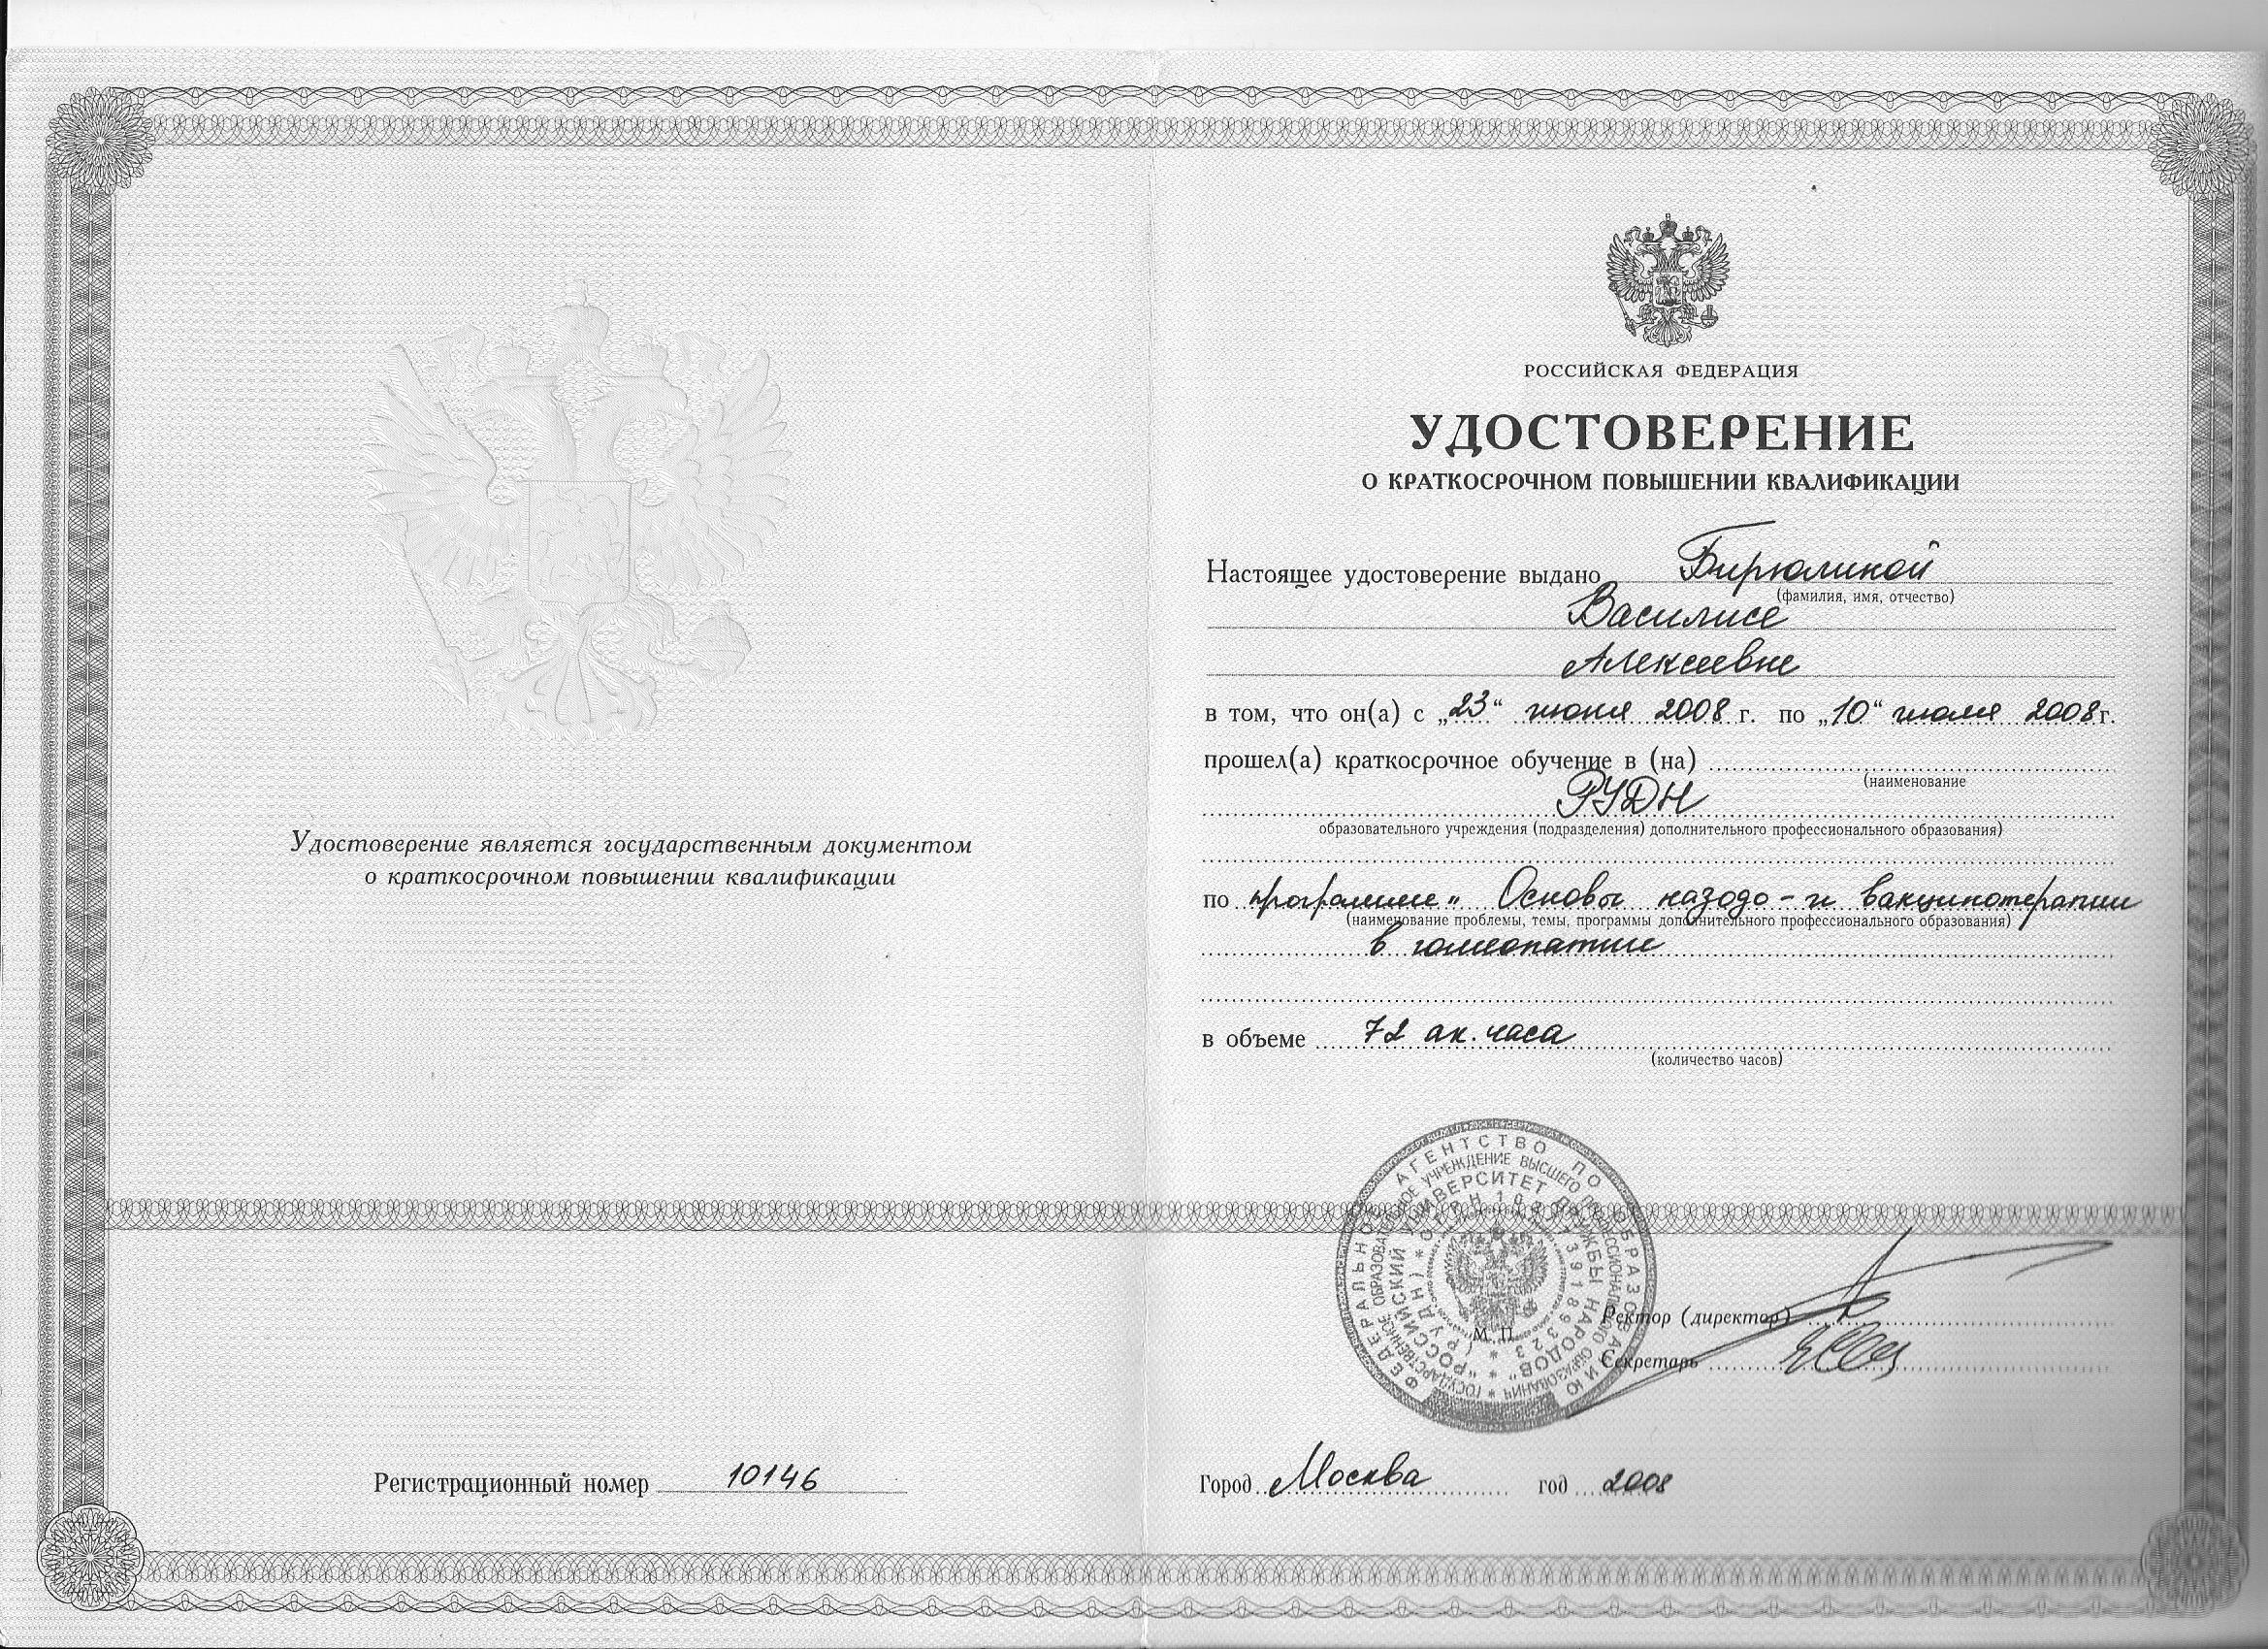 Удостоверение о повышении квалификации по назодотерапии